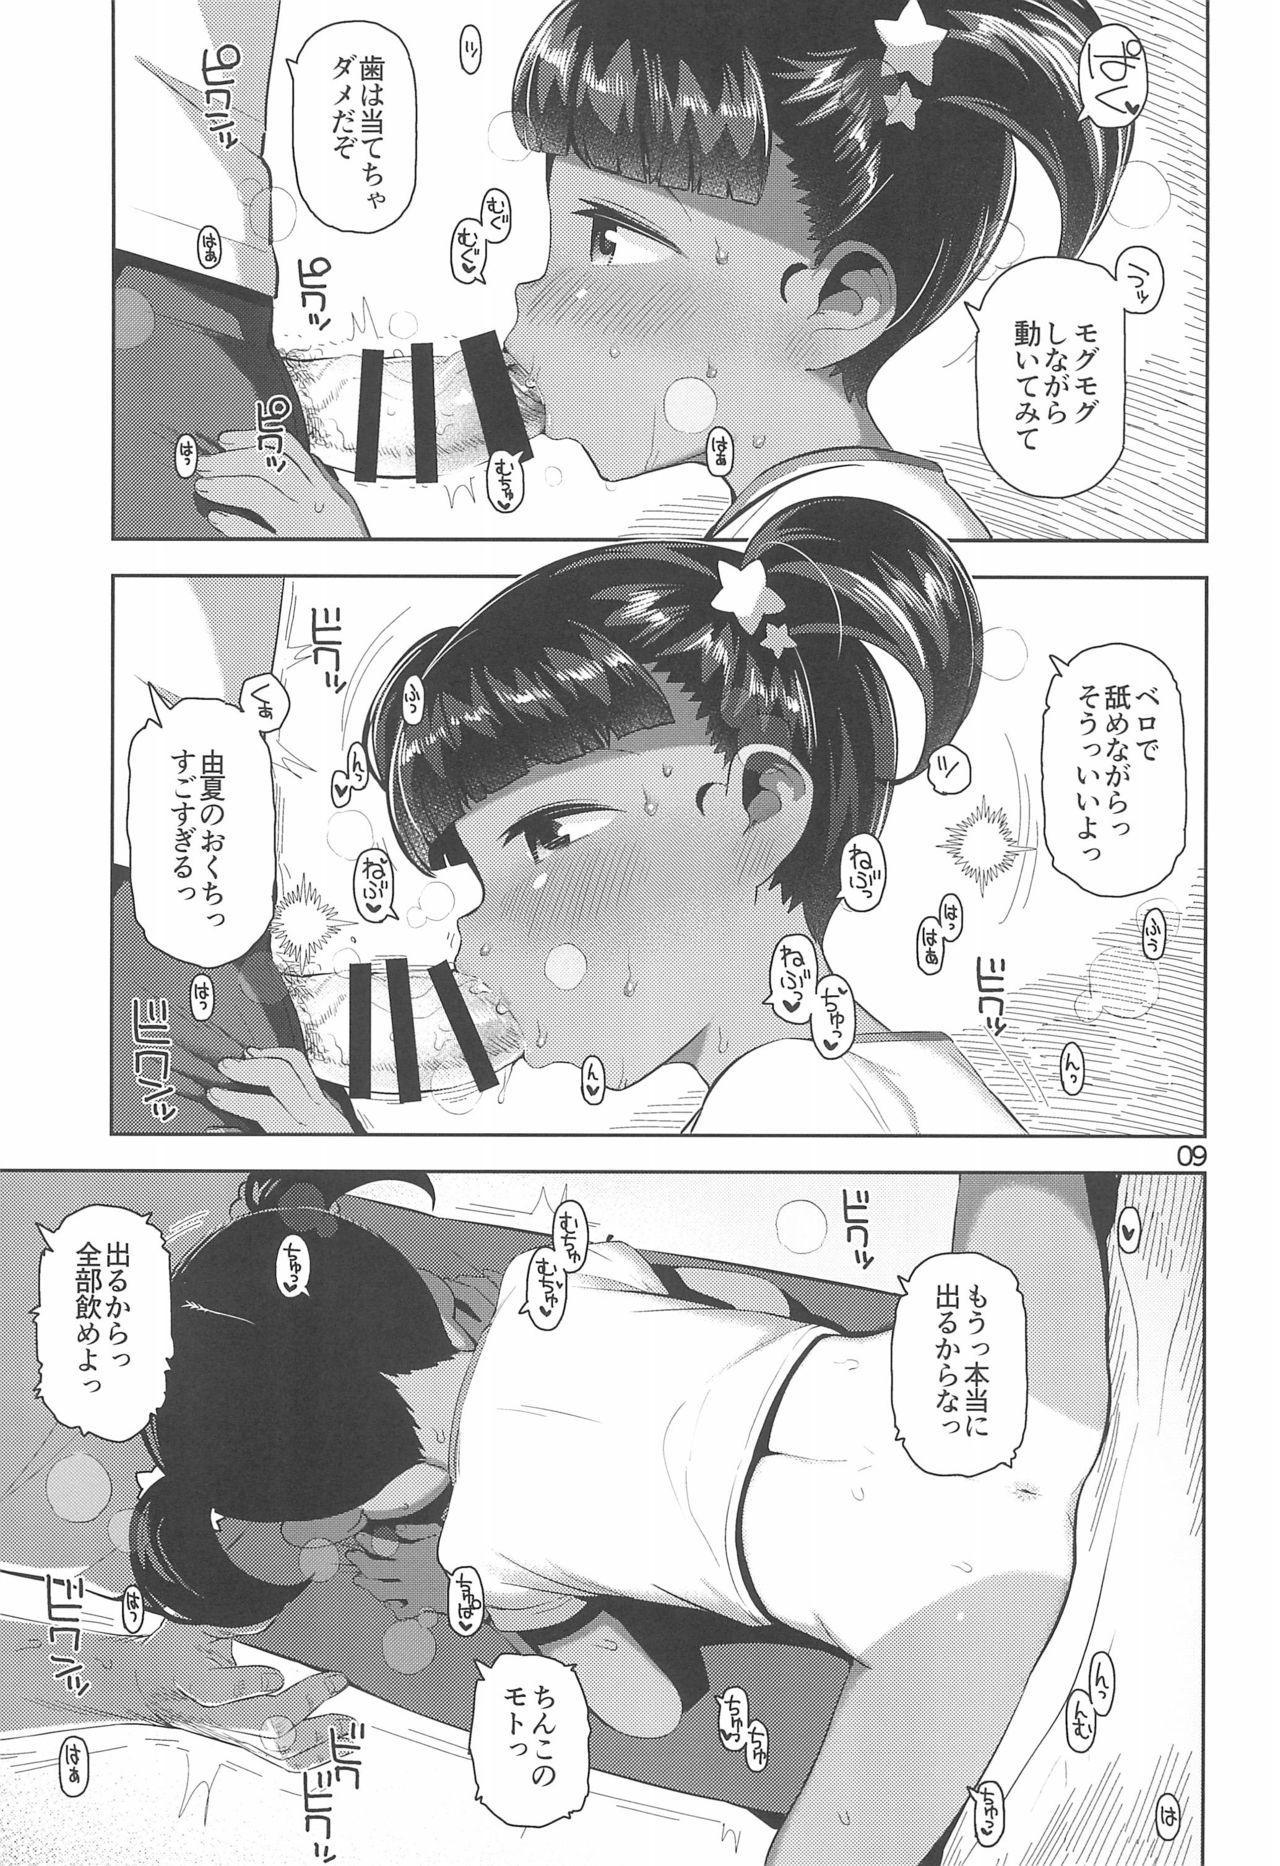 Yuka-chan no Naisho 10